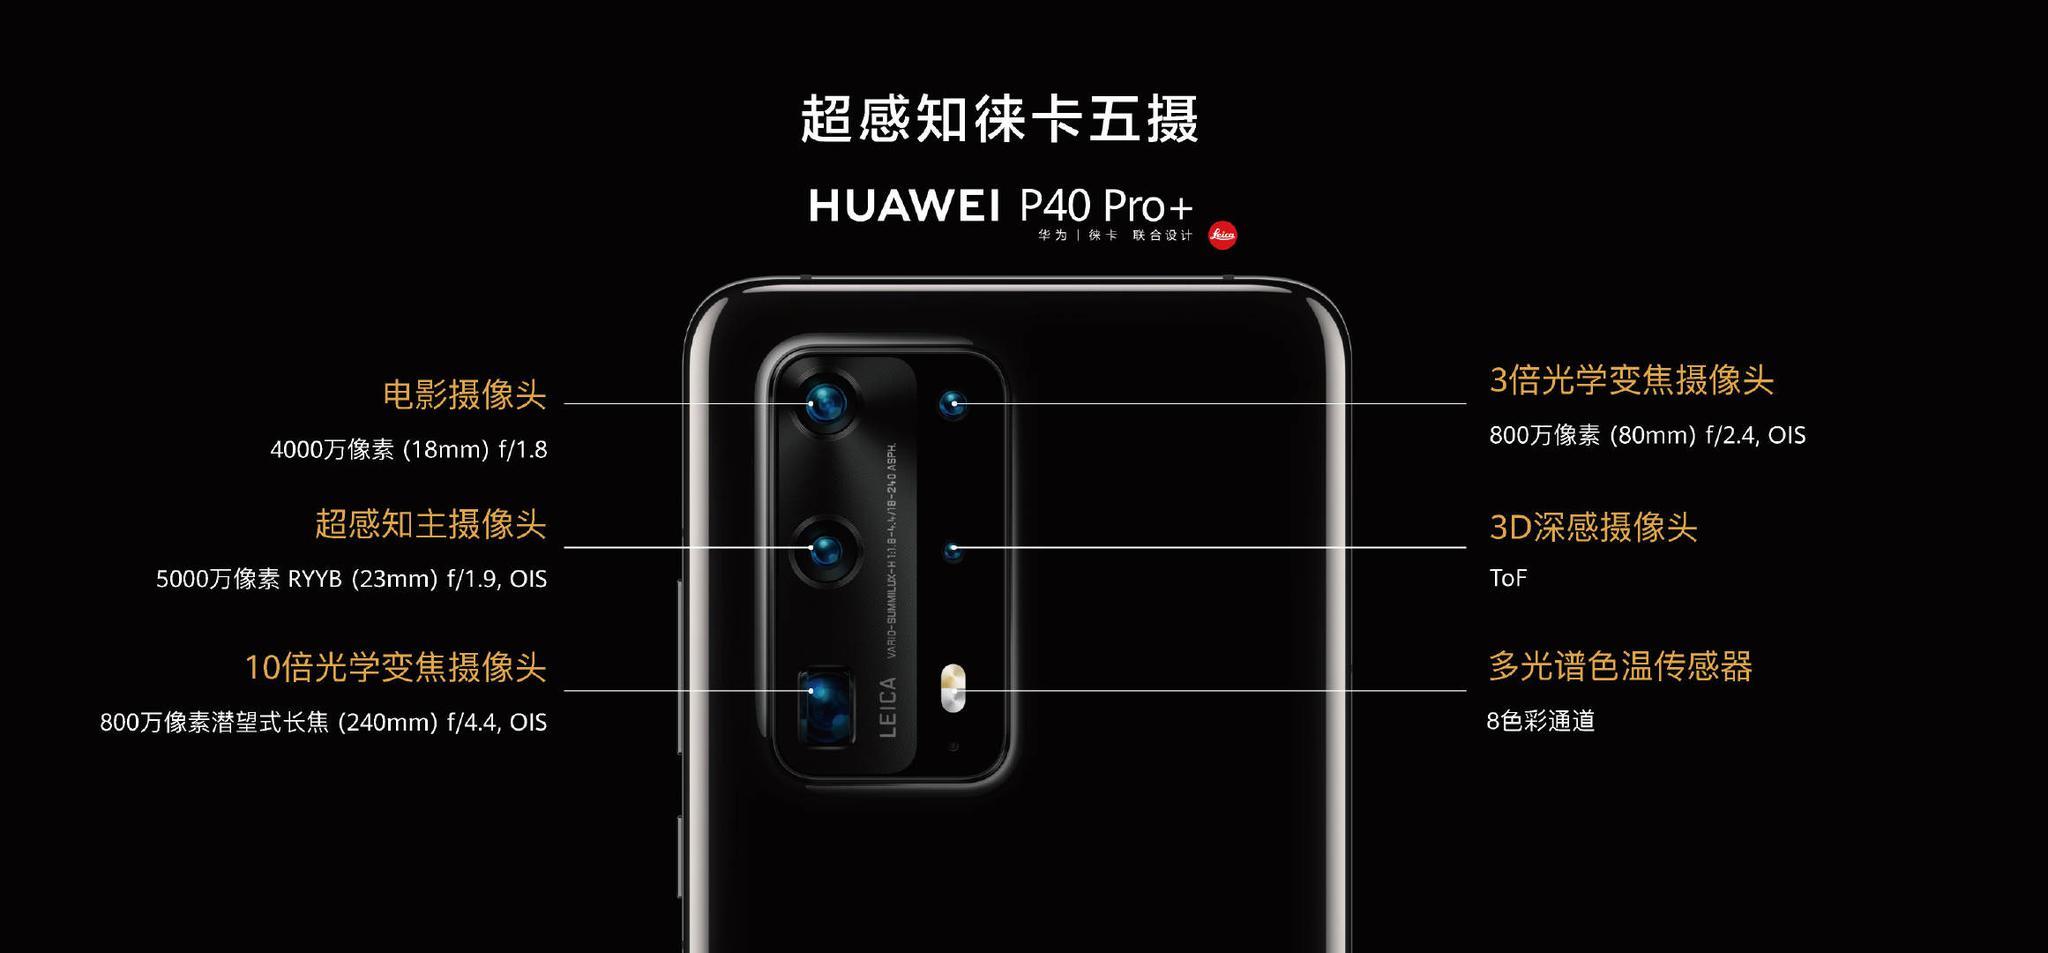 全新的HUAWEI P40 Pro+带来了10倍光学变焦,内藏多反射潜望式长焦